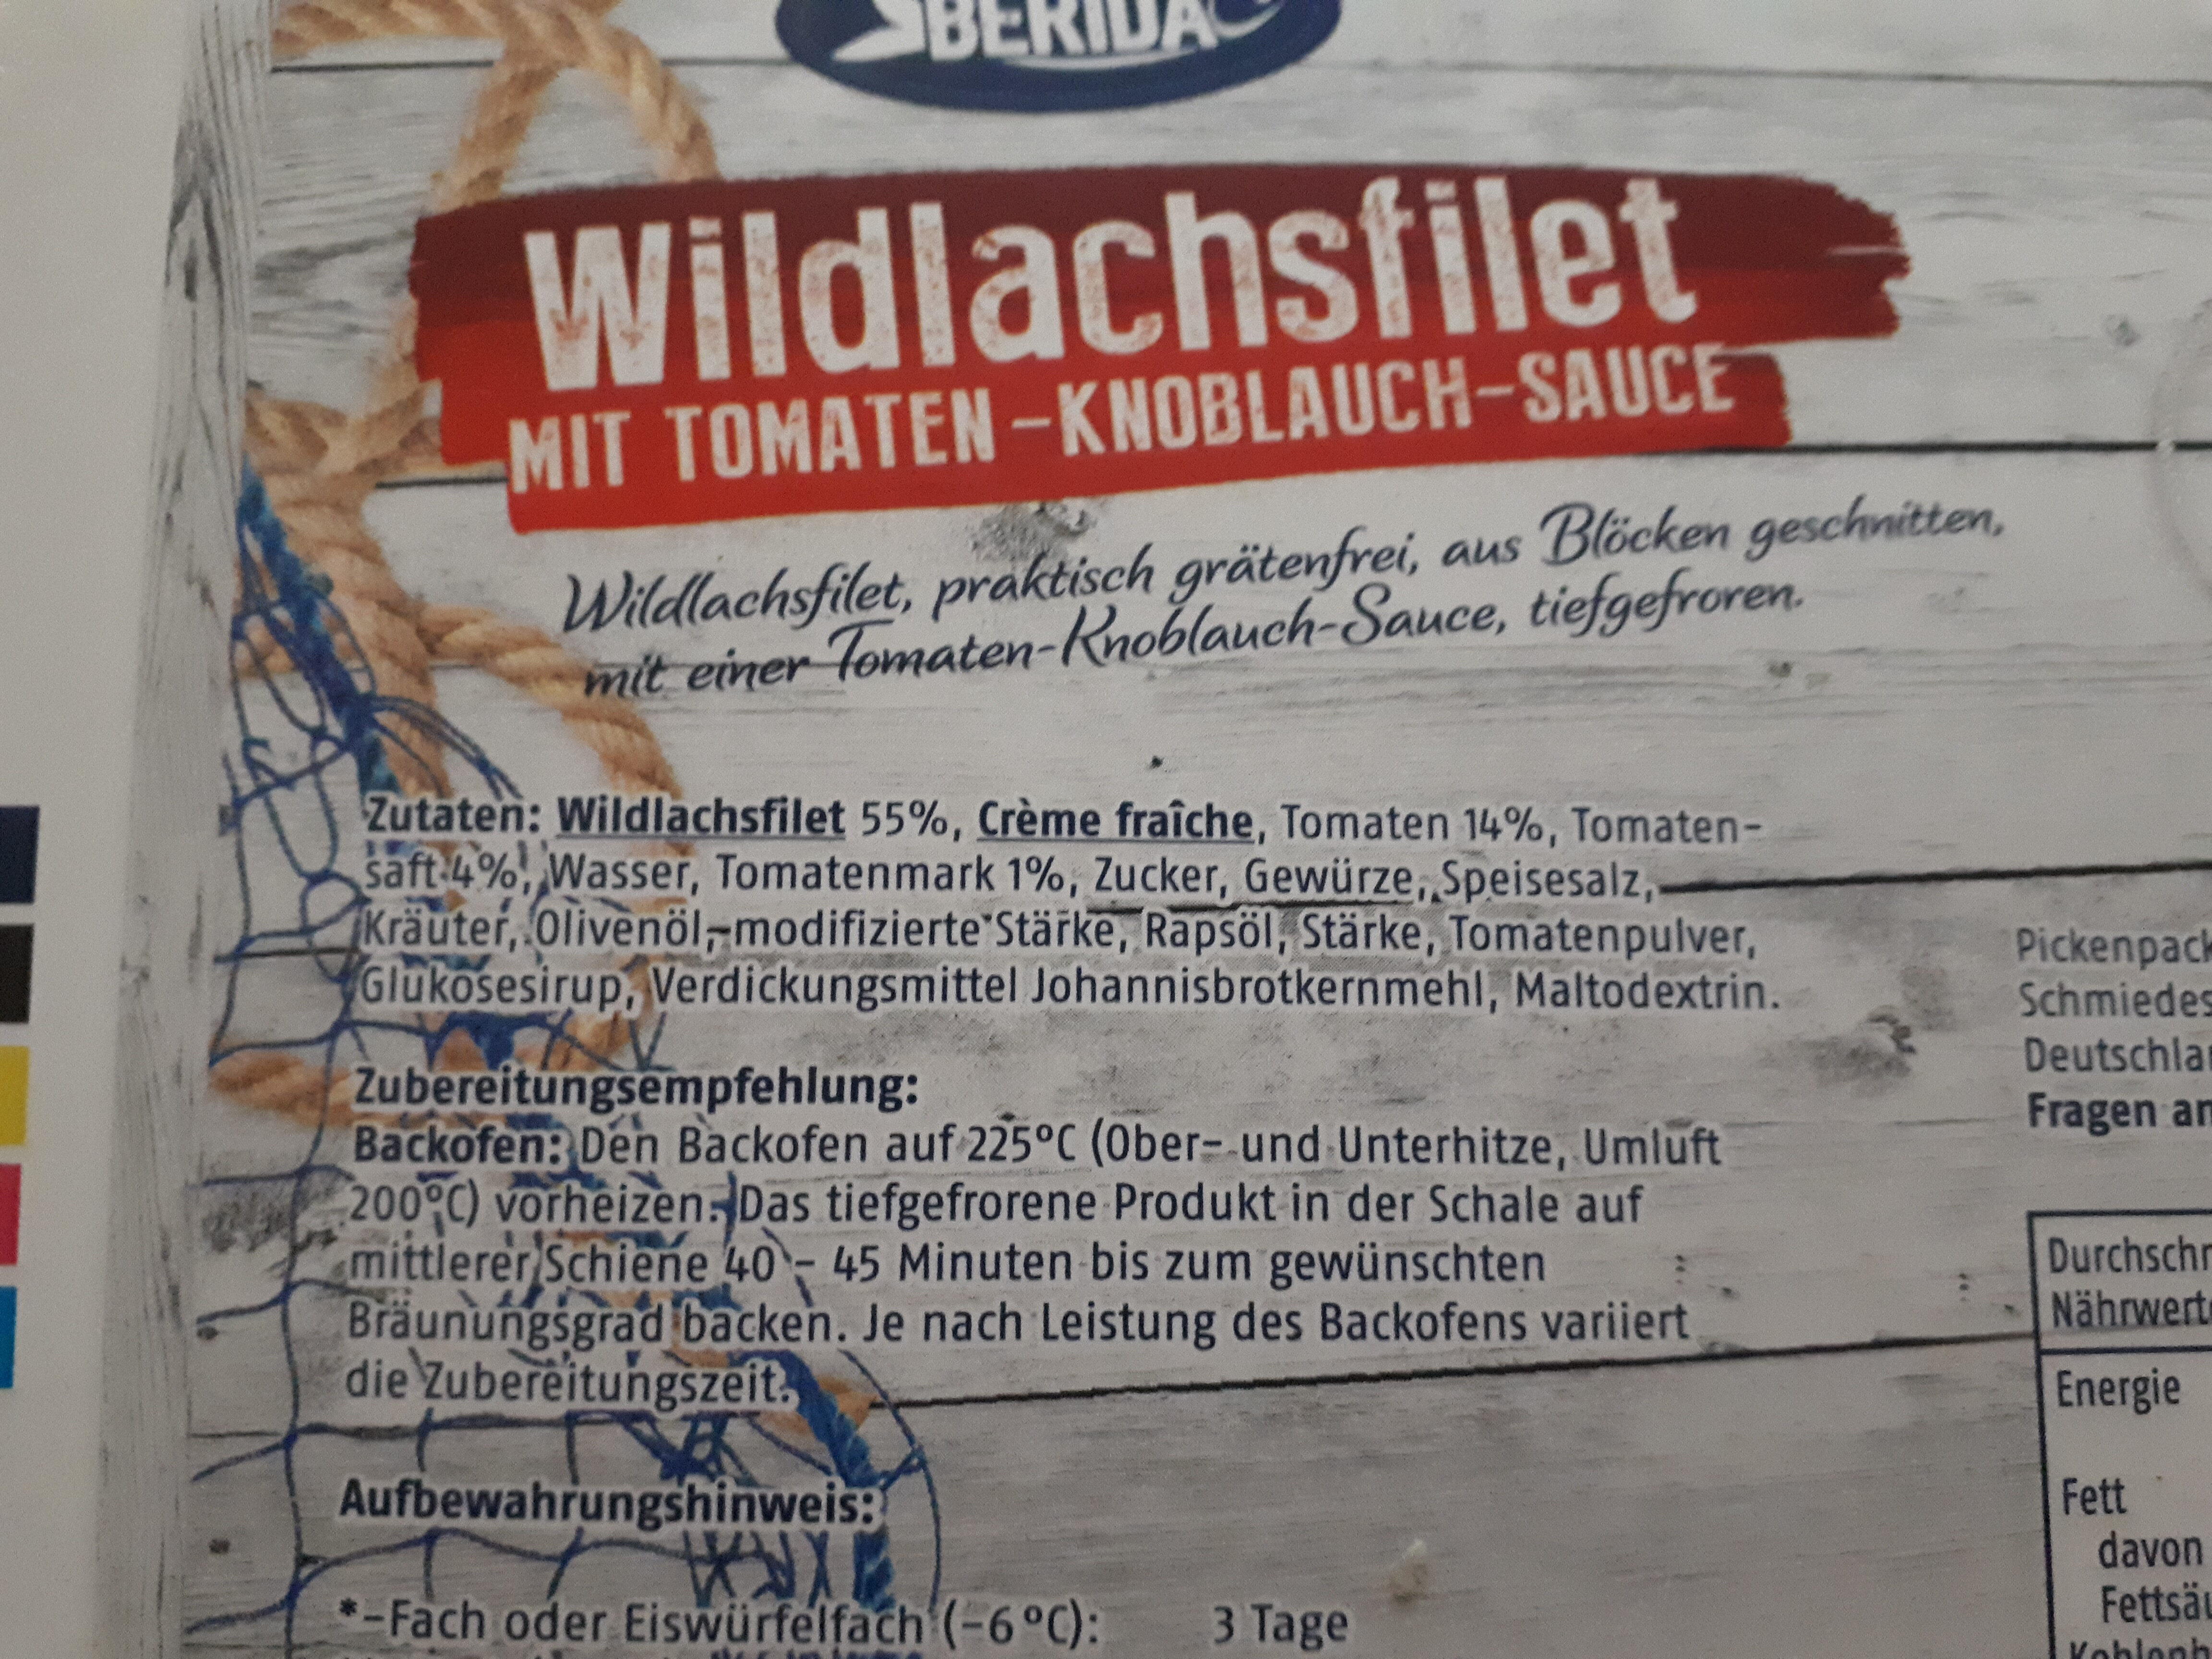 Wildlachsfilet mit Tomaten Knoblauch Sauce - Ingredients - de